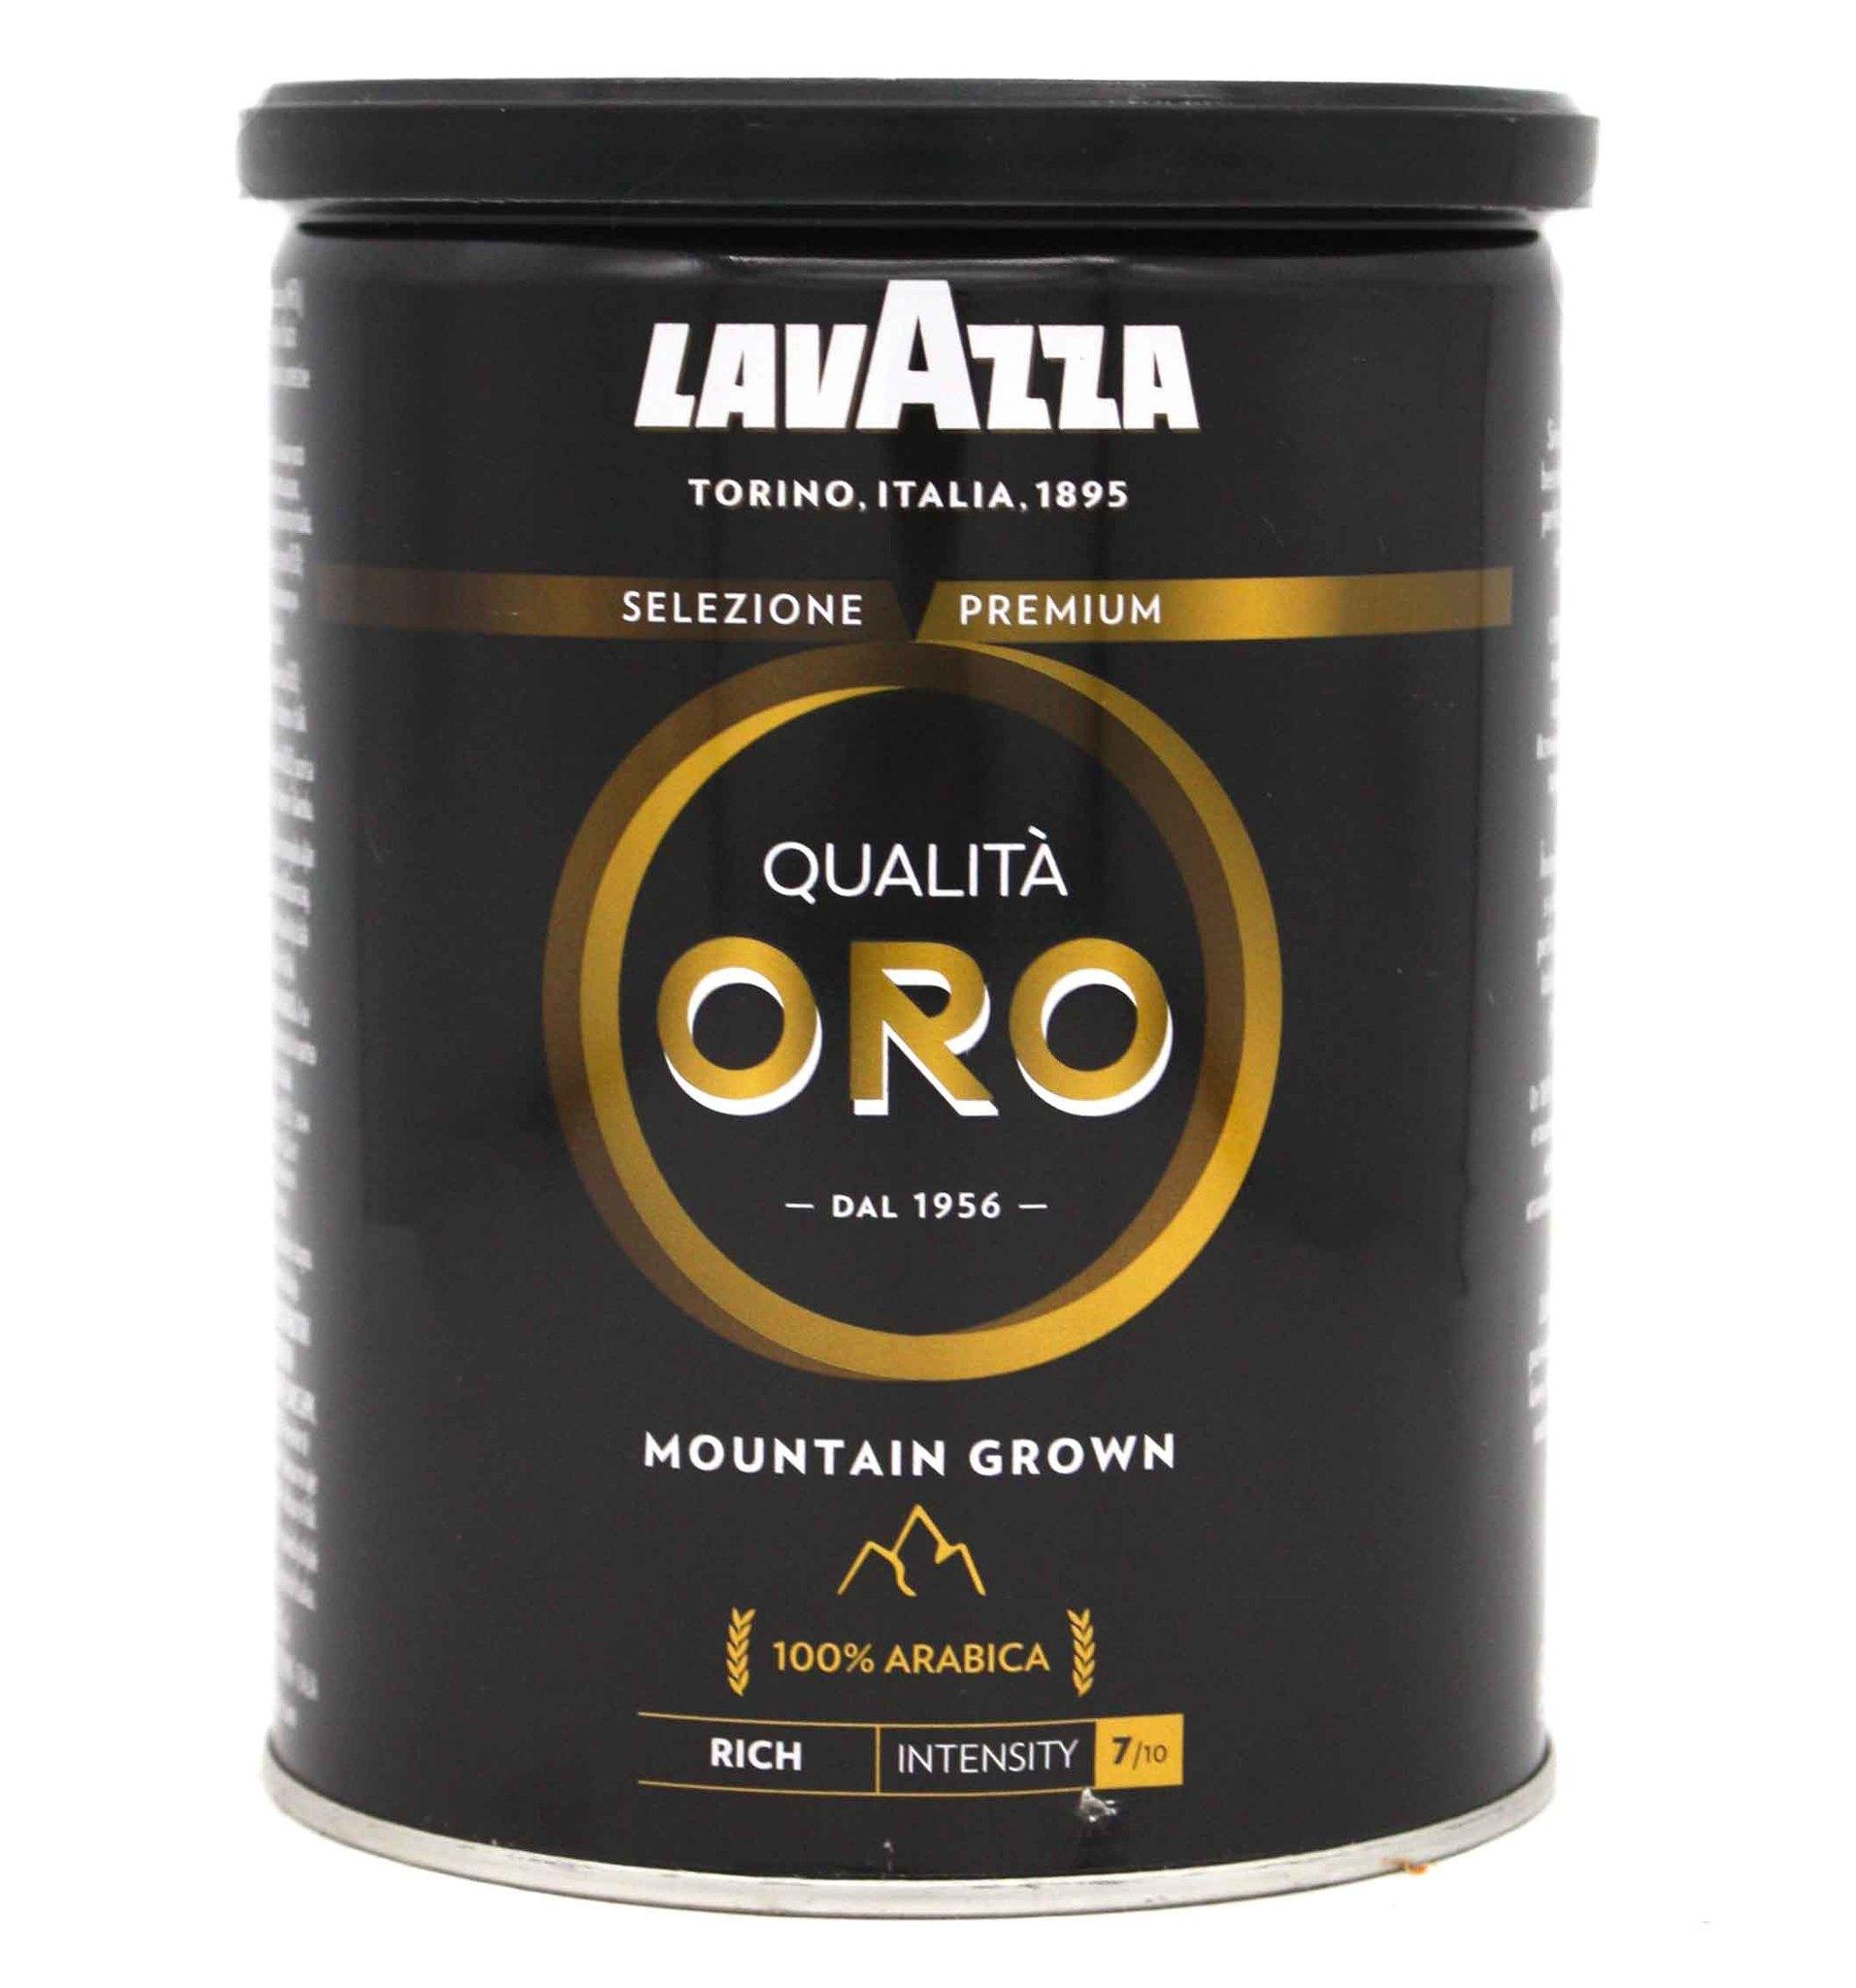 Кофе молотый Кофе молотый Qualita Oro Mountain Grown, Lavazza, 250 г import_files_71_7195d964ec2211eaa9d1484d7ecee297_4ff6a554eeba11eaa9d3484d7ecee297.jpg